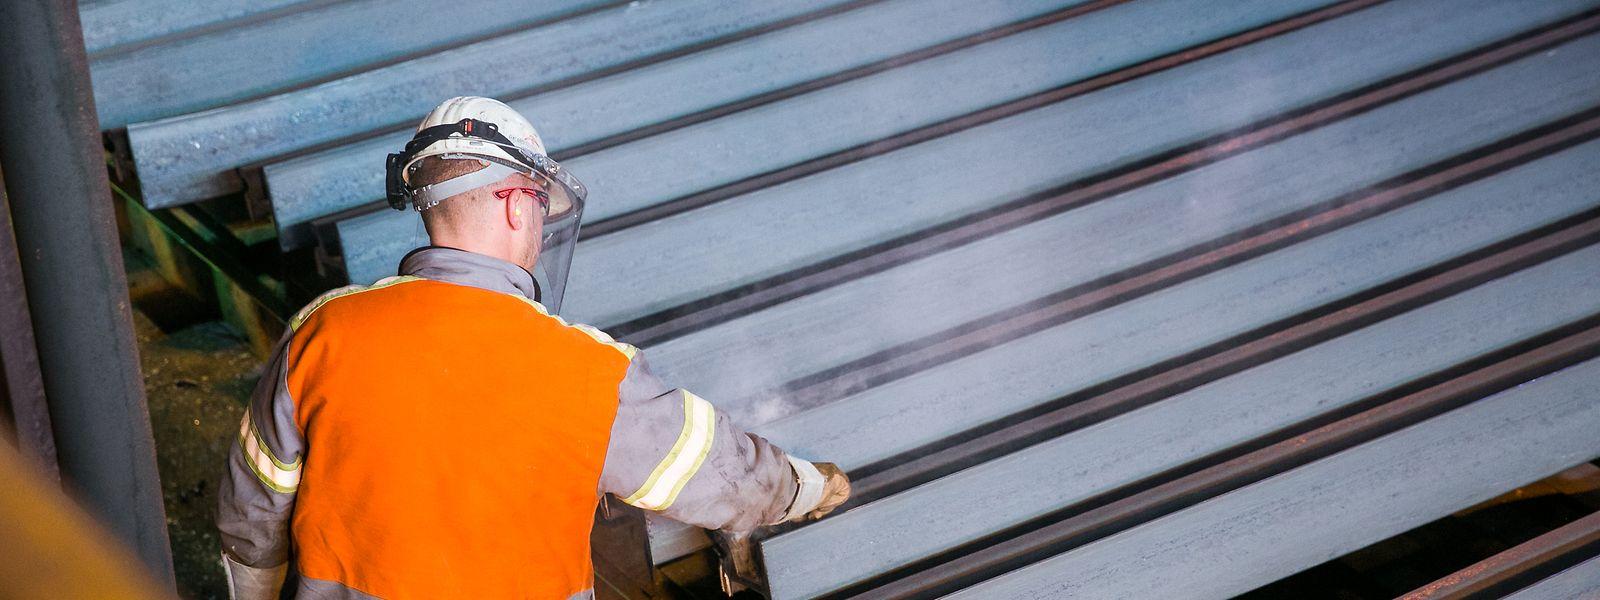 Ein Mitarbeiter inspiziert die in Rodange gewalzten Eisenträger: Das erste Halbjahr und besonders das zweite Quartal sei eine der schwierigsten Zeiten in der Geschichte des Unternehmens gewesen, hat Unternehmenschef und Hauptaktionär Lakshmi Mittal erklärt.